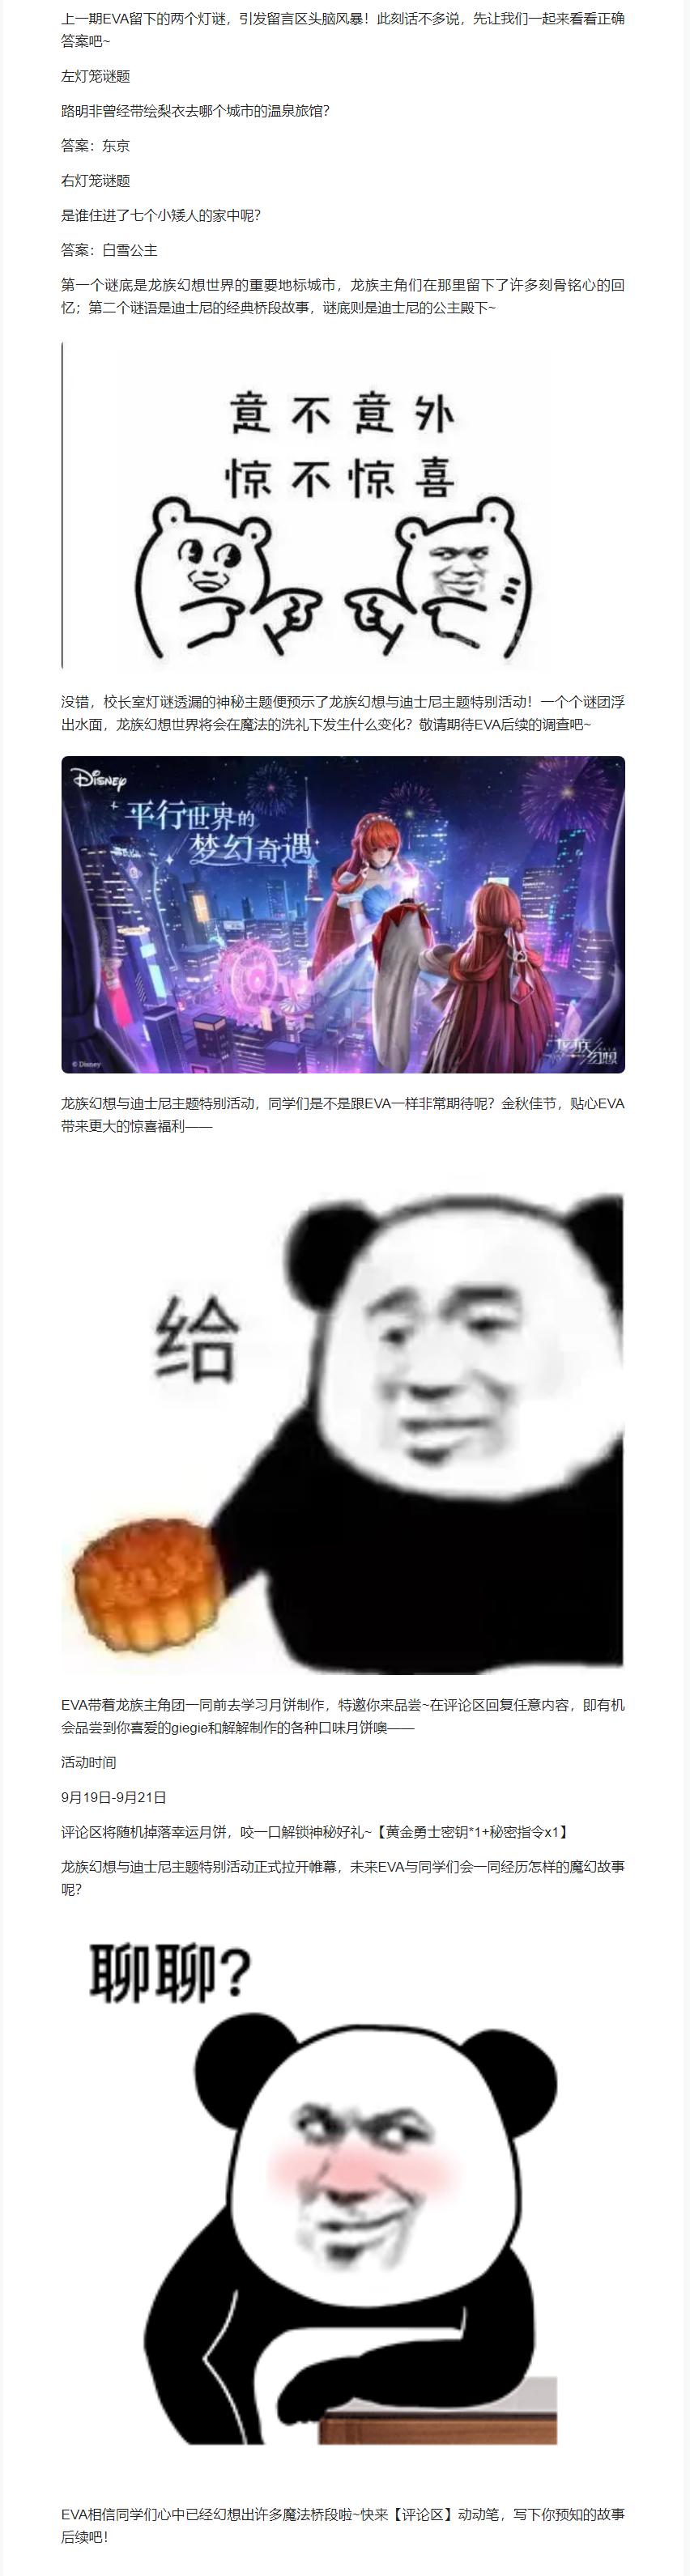 联动开启│奇遇龙族公主?拉开梦幻帷幕~